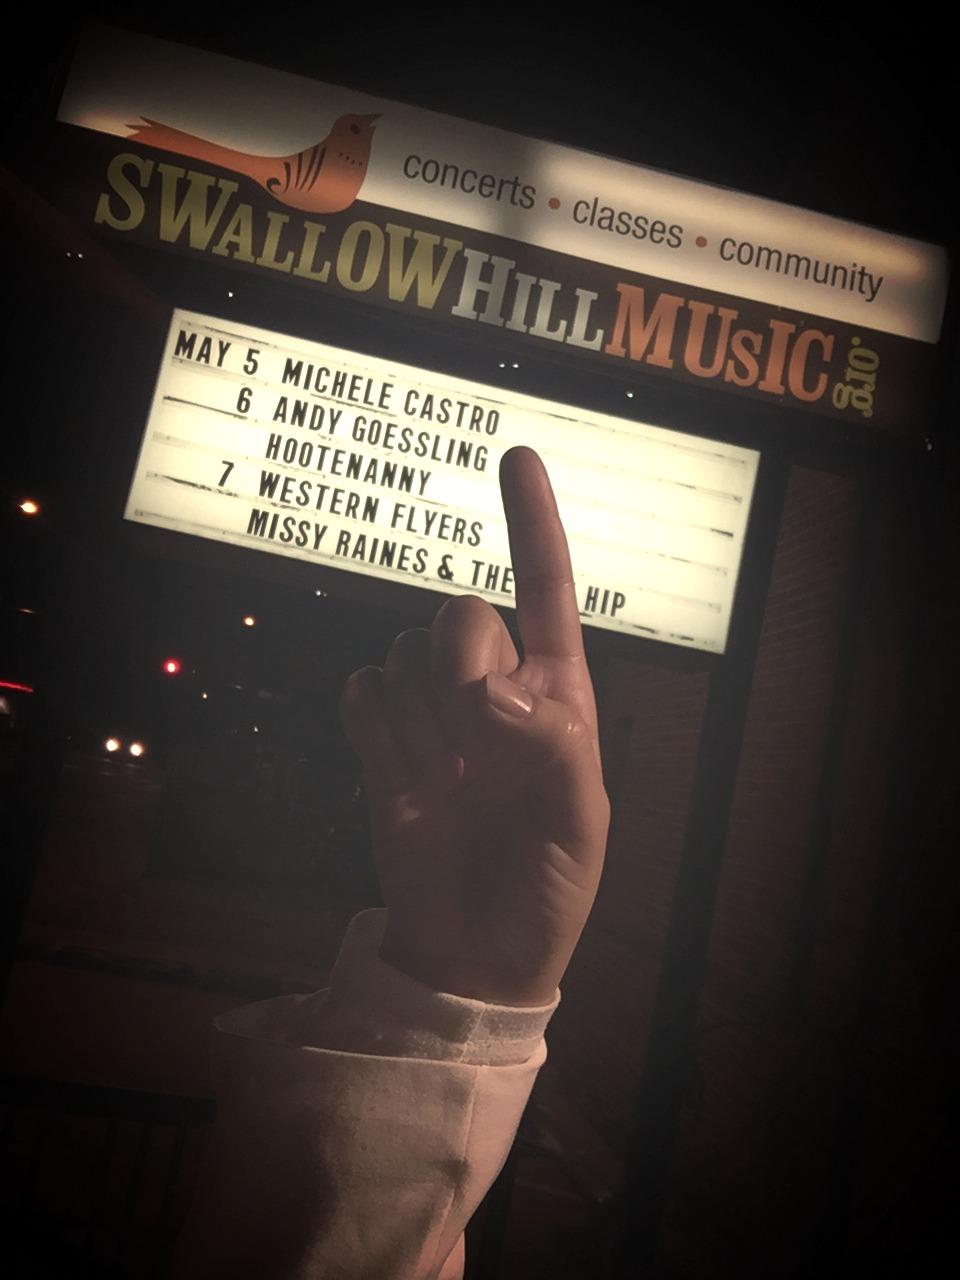 5 de Maio - SwallowHill